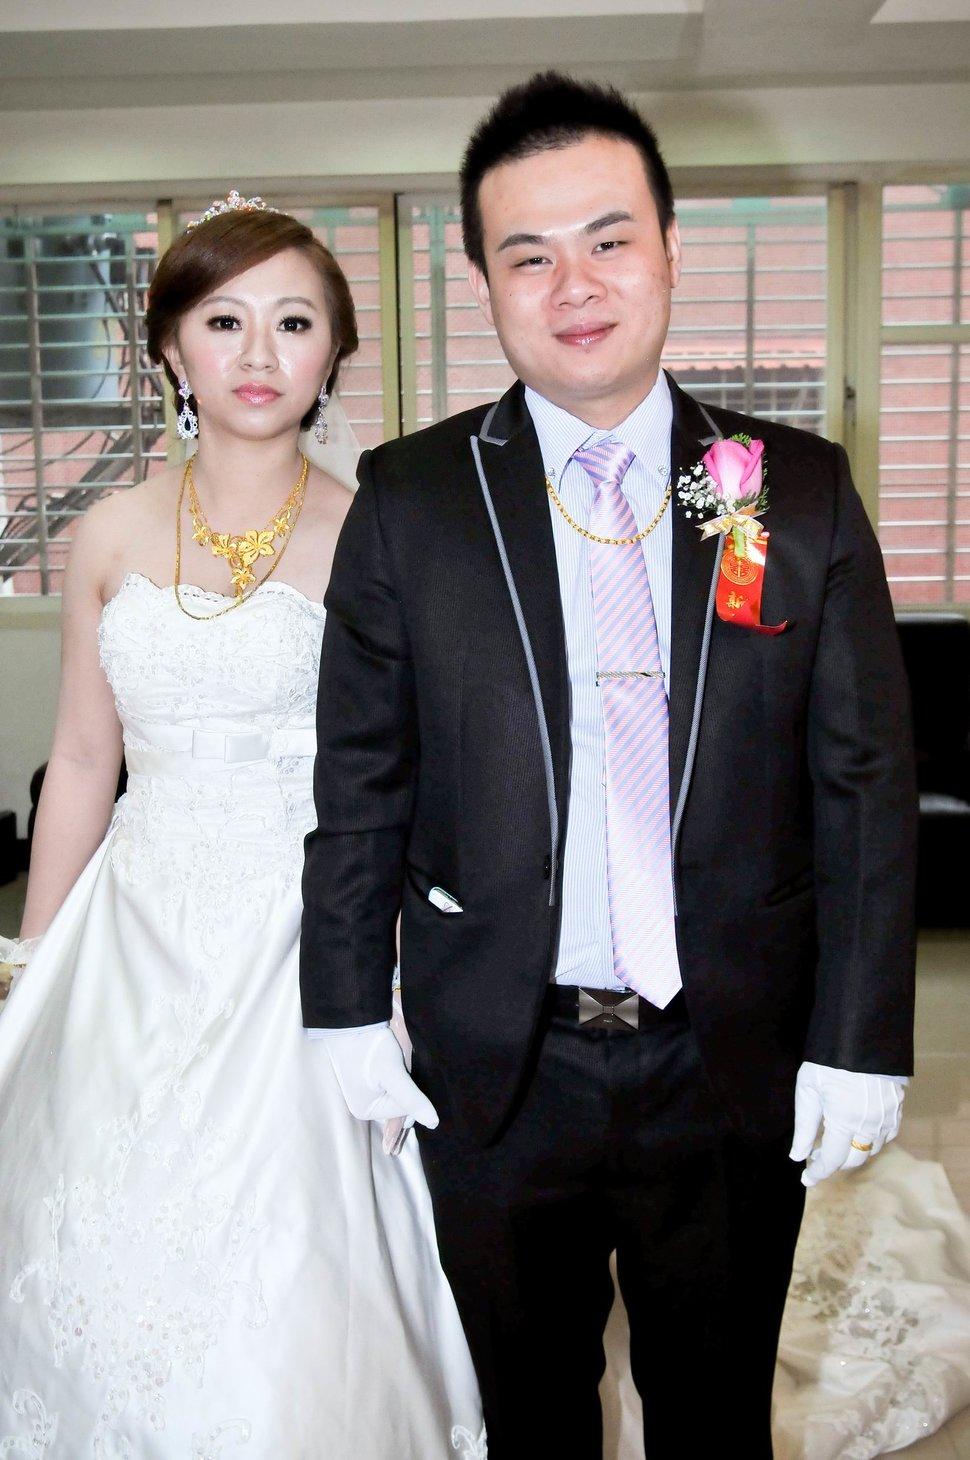 海產大王文定結婚儀式迎娶晚宴婚禮結婚儀式午宴婚禮記錄動態微電影錄影專業錄影平面攝影婚攝婚禮主持人(編號:303390) - 蜜月拍照10800錄影12800攝影團隊 - 結婚吧